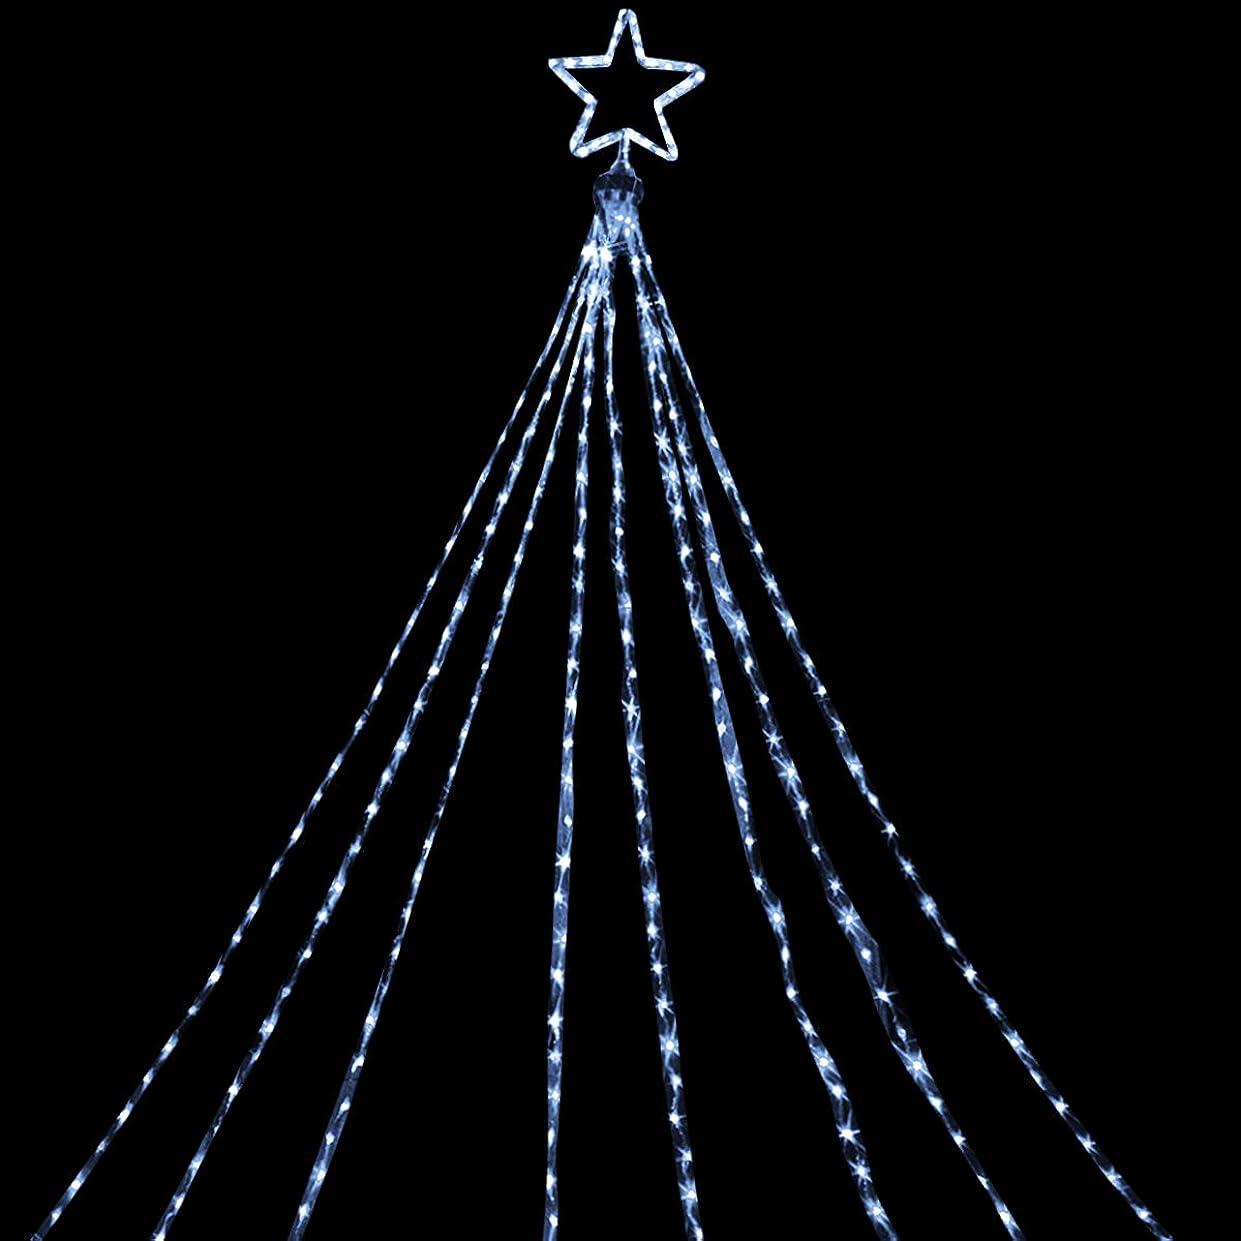 嫌な神経卑しい電光ホーム イルミネーション ドレープライト LED [ 8パターン 点灯 ] 屋外 防水 防雨 星モチーフ付き クリスマスツリー ハロウィン DIY 8m×8本 (ホワイト)